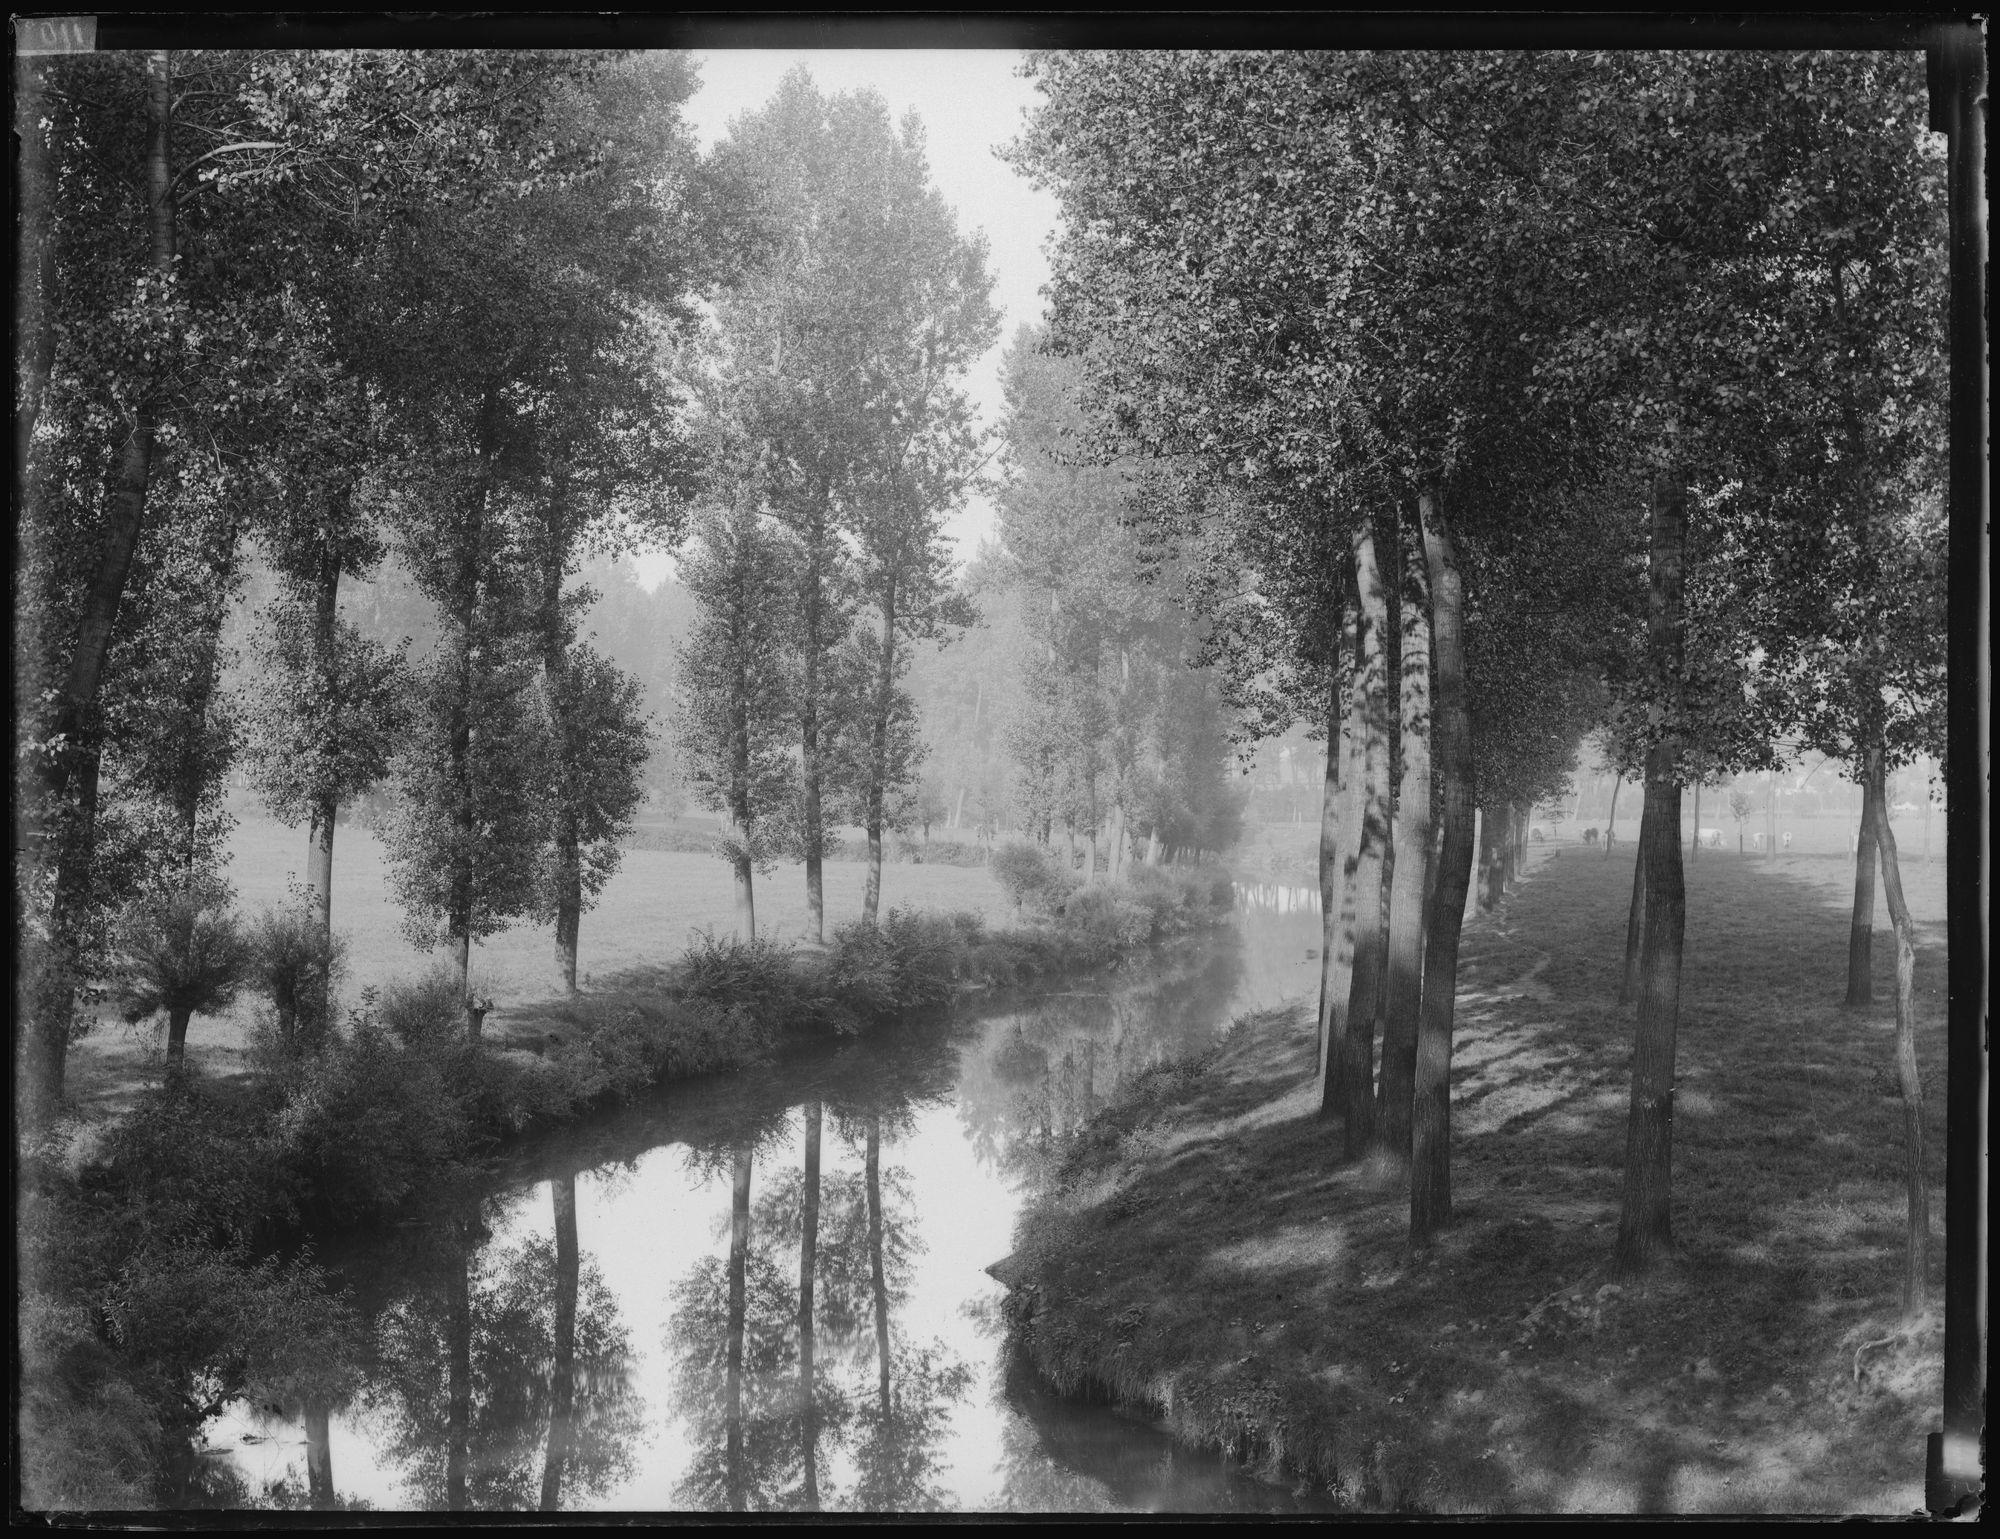 Schilderachtig landschap met bomenrij langs waterloop